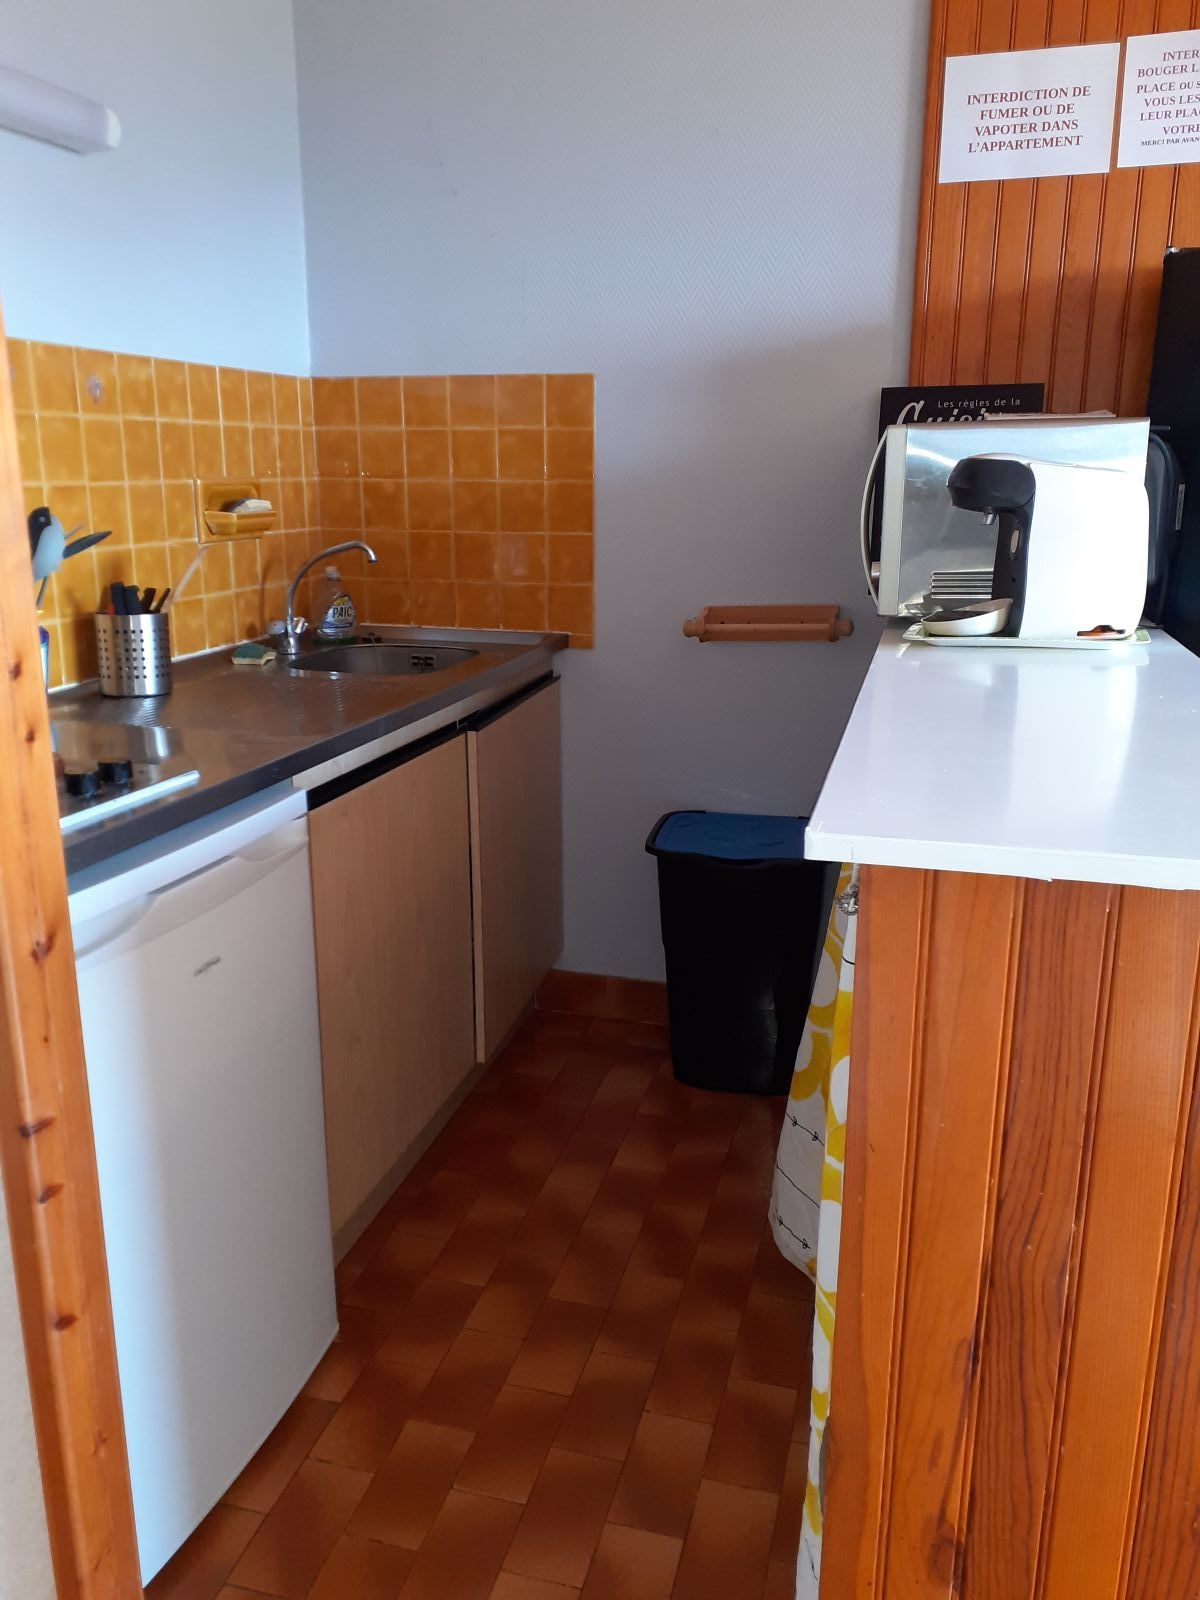 20200917 154246 - ANCELLE T2 DE 41 m² (9 COUCHAGES) LES TAILLAS